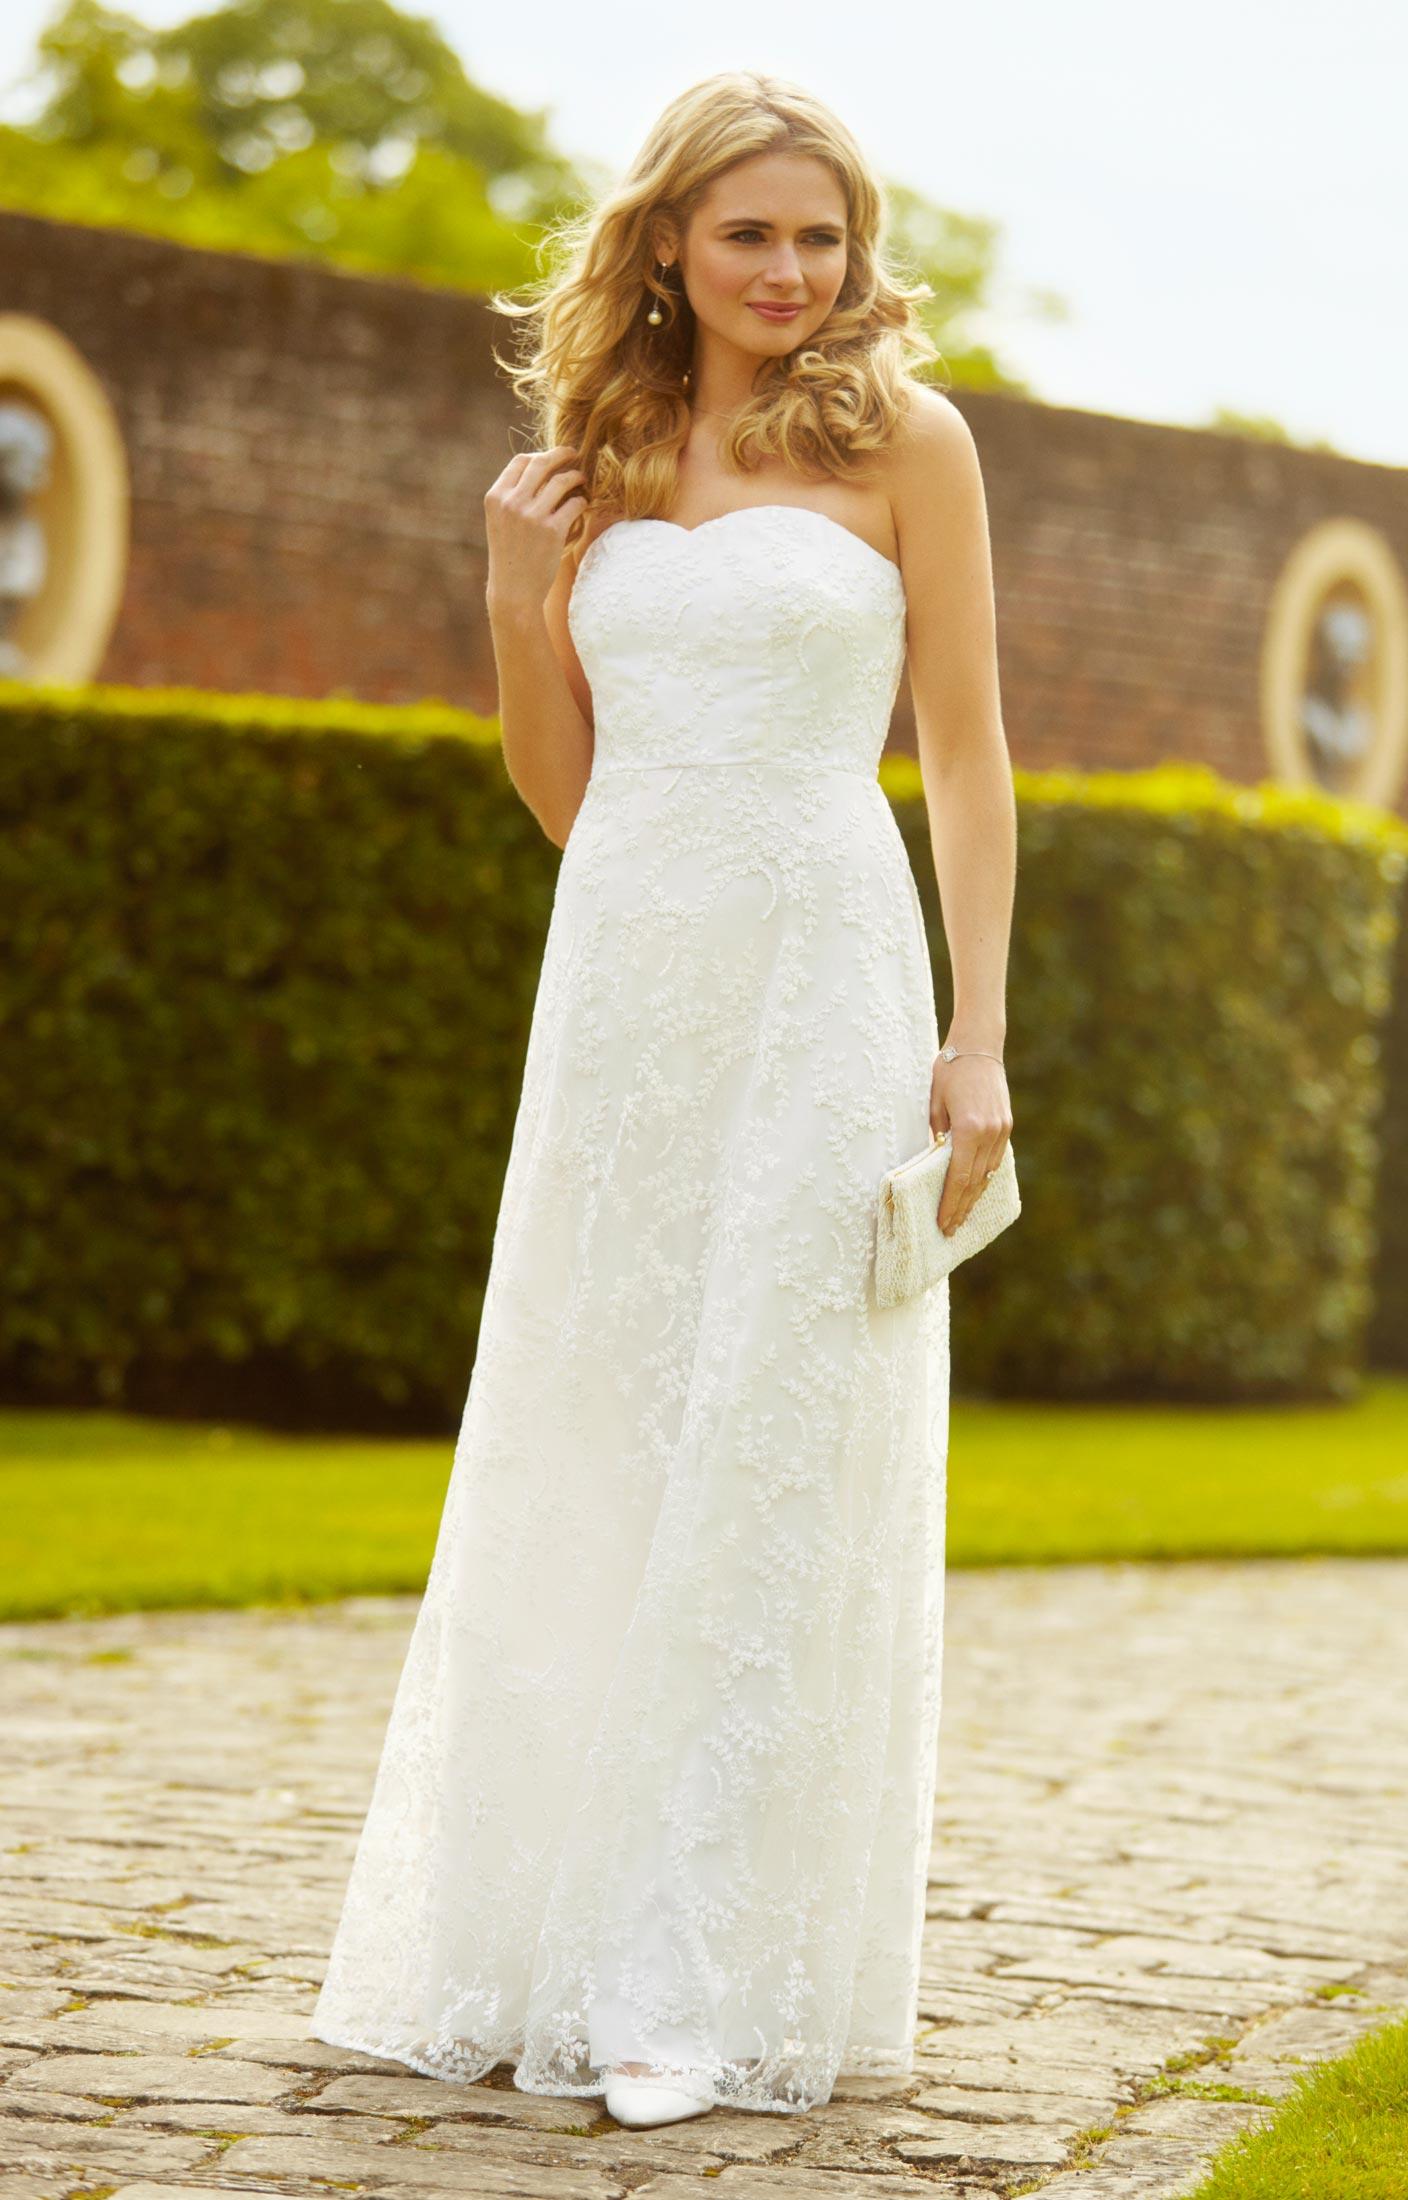 Flora Hochzeitskleid Elfenbein - Hochzeitskleider, Abendgarderobe ...